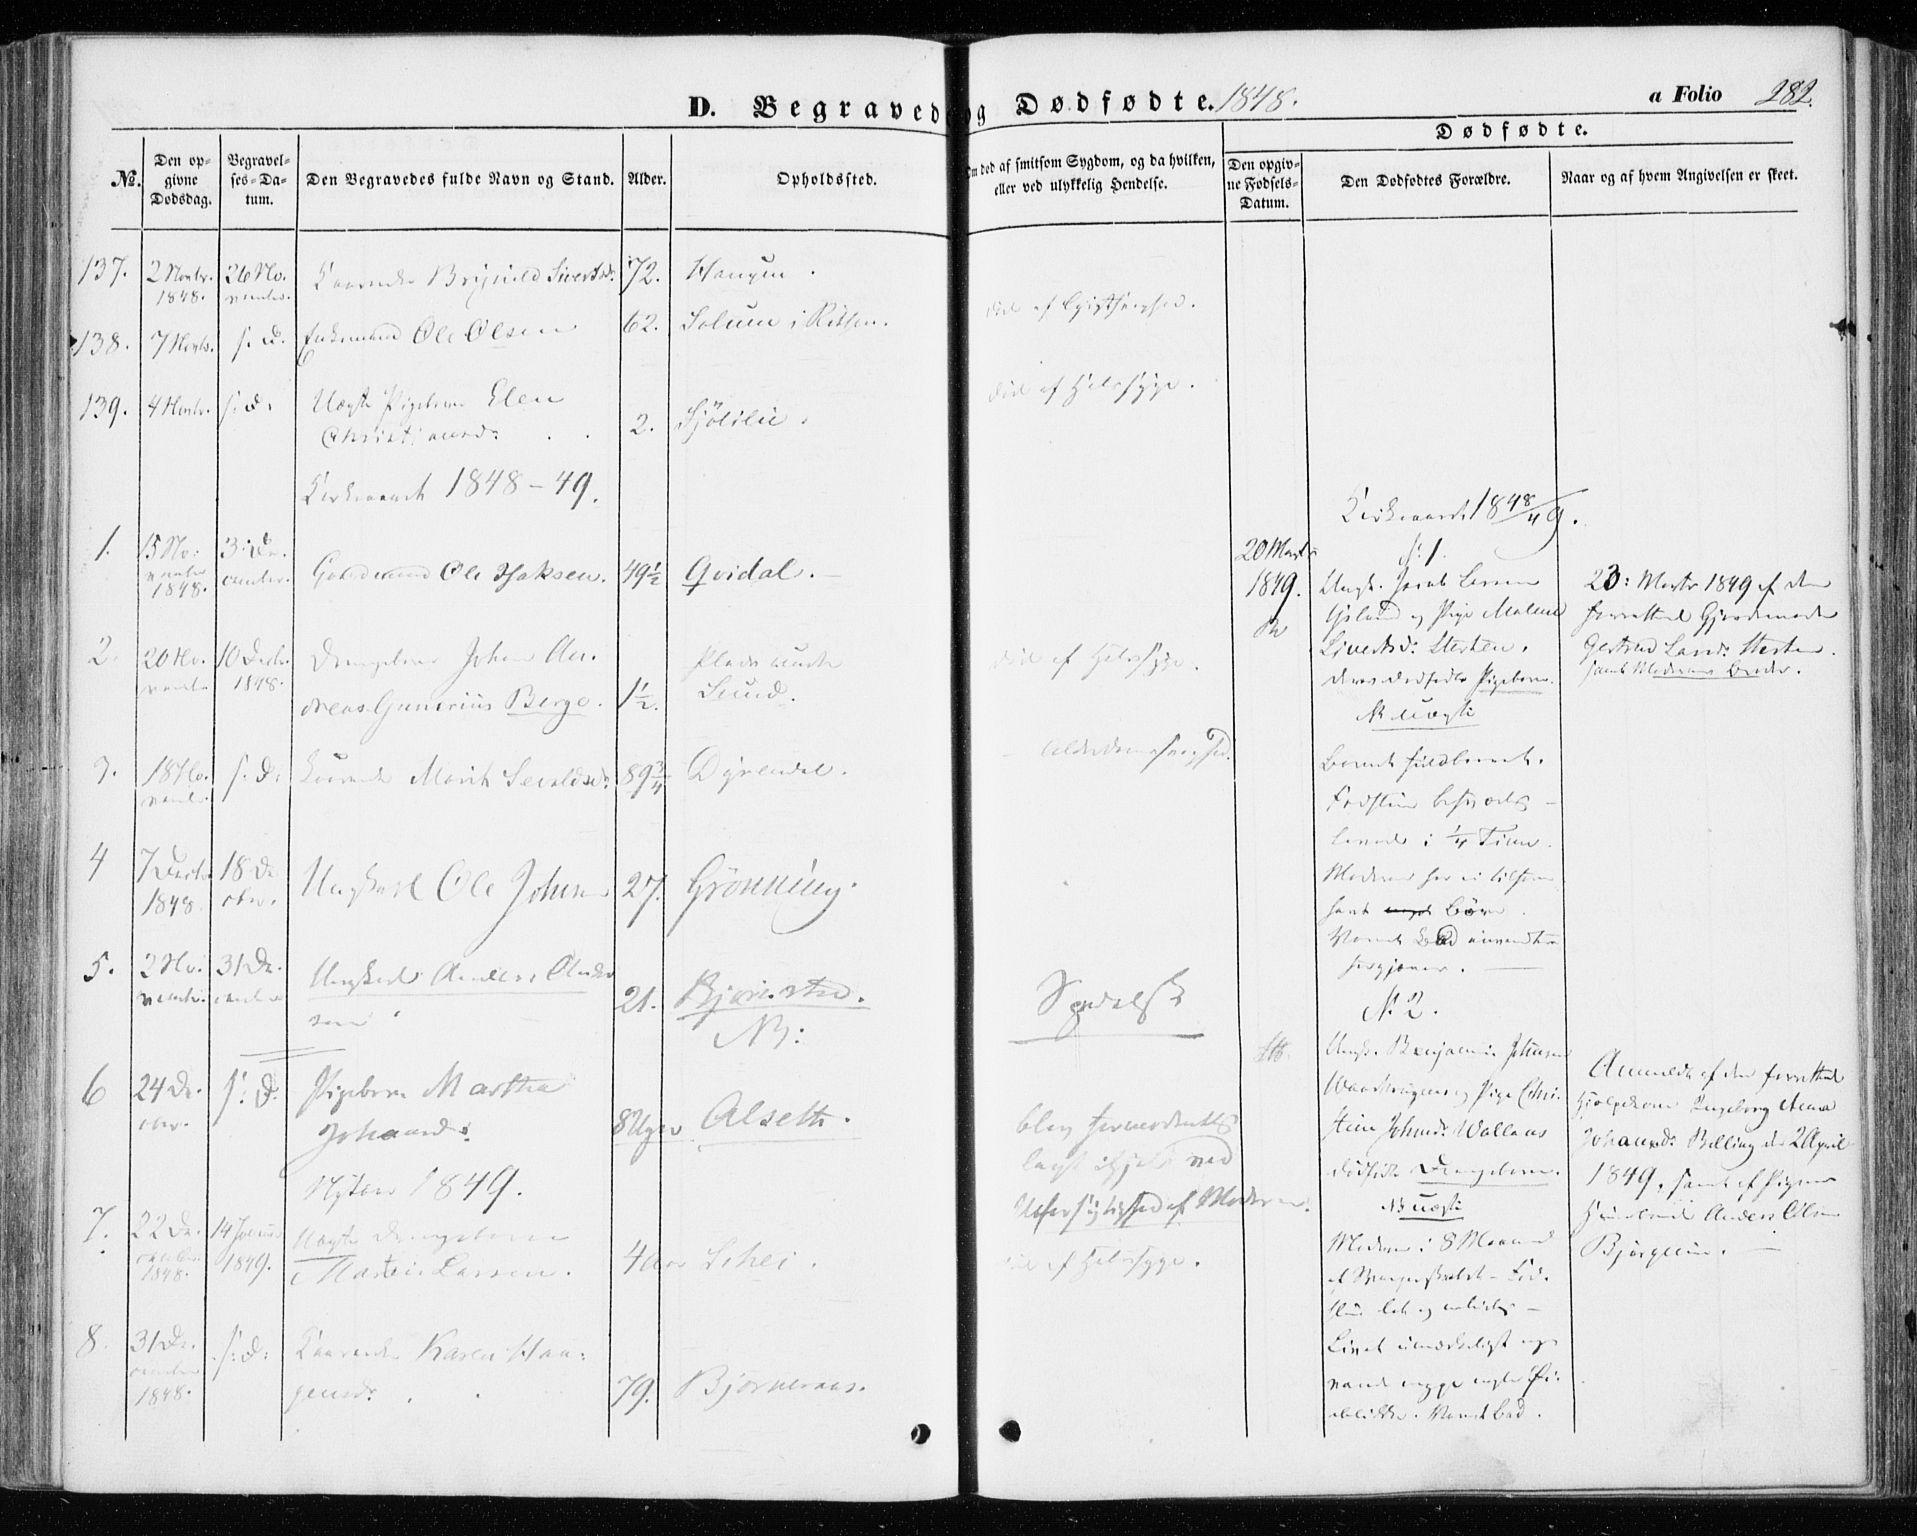 SAT, Ministerialprotokoller, klokkerbøker og fødselsregistre - Sør-Trøndelag, 646/L0611: Ministerialbok nr. 646A09, 1848-1857, s. 282